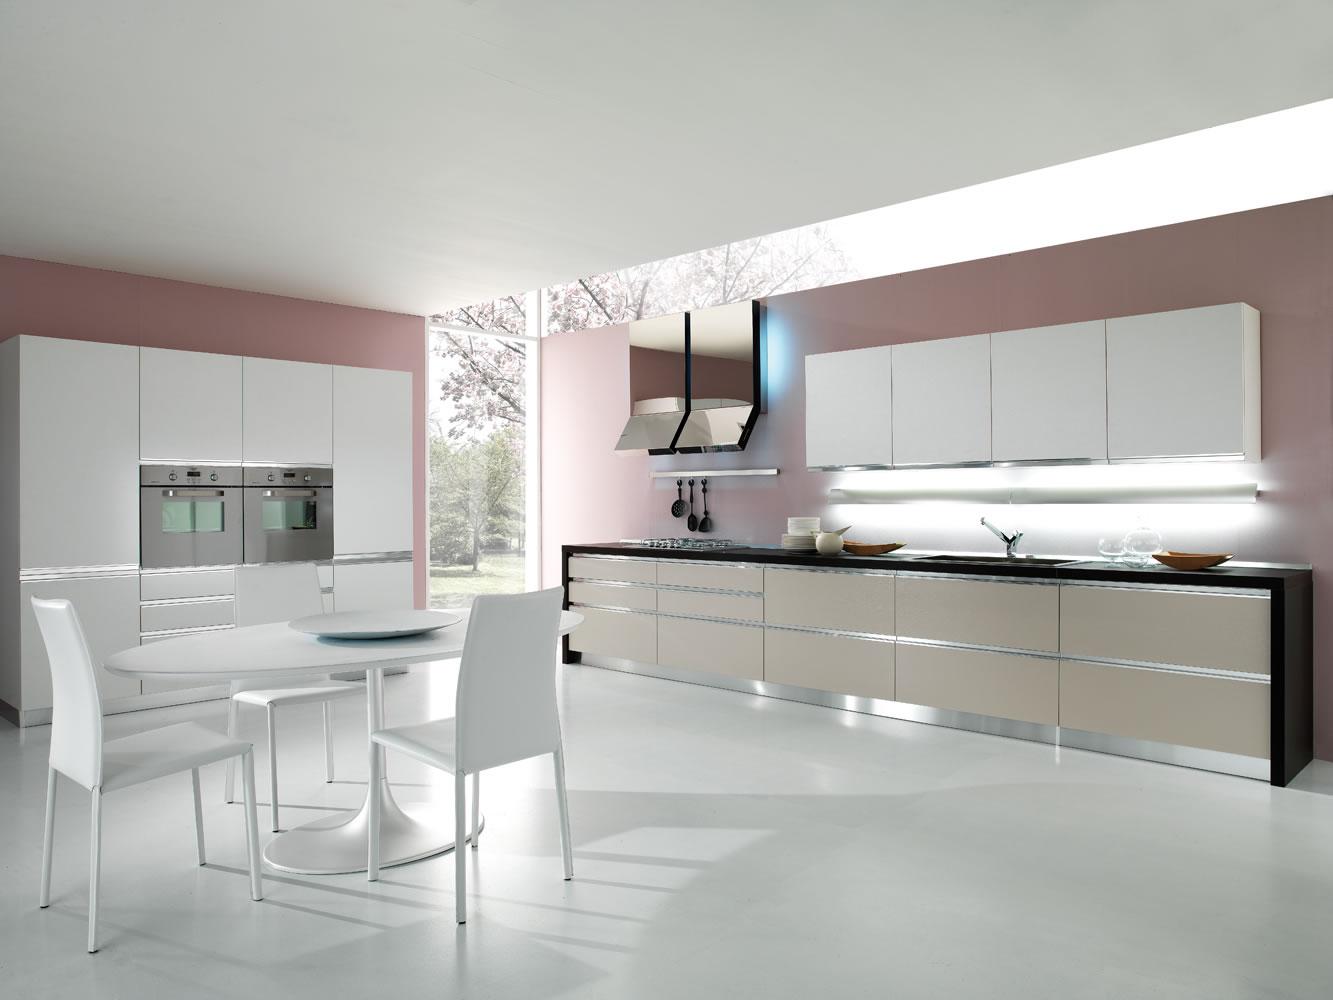 Una cocina para el relax cocinas con estilo for Cocina blanca encimera beige